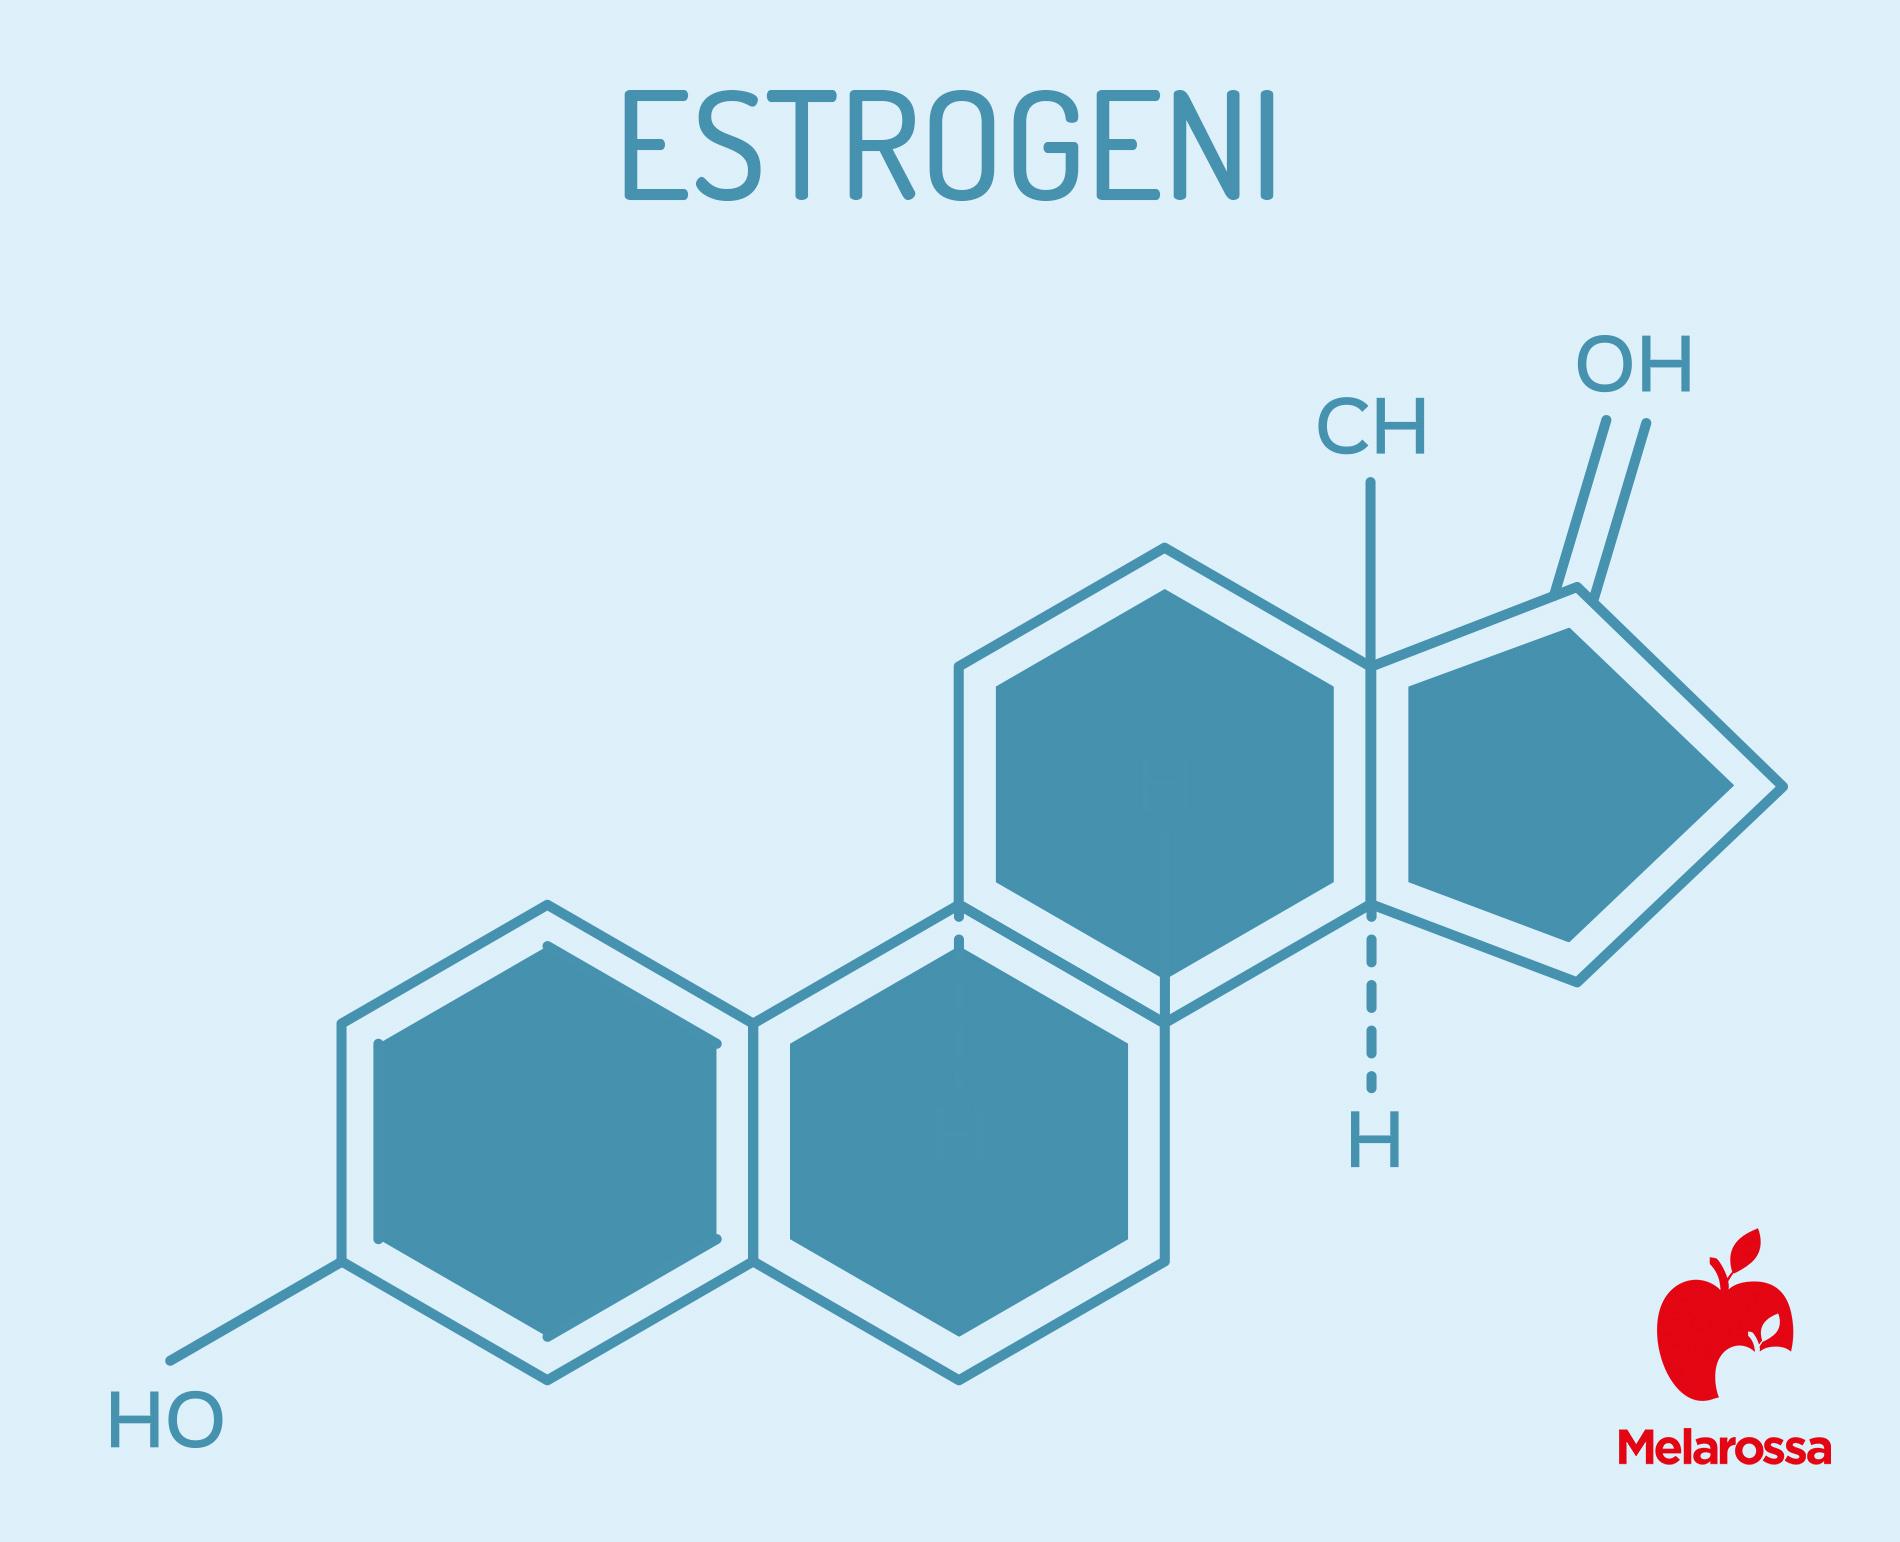 estrogeni: cosa sono